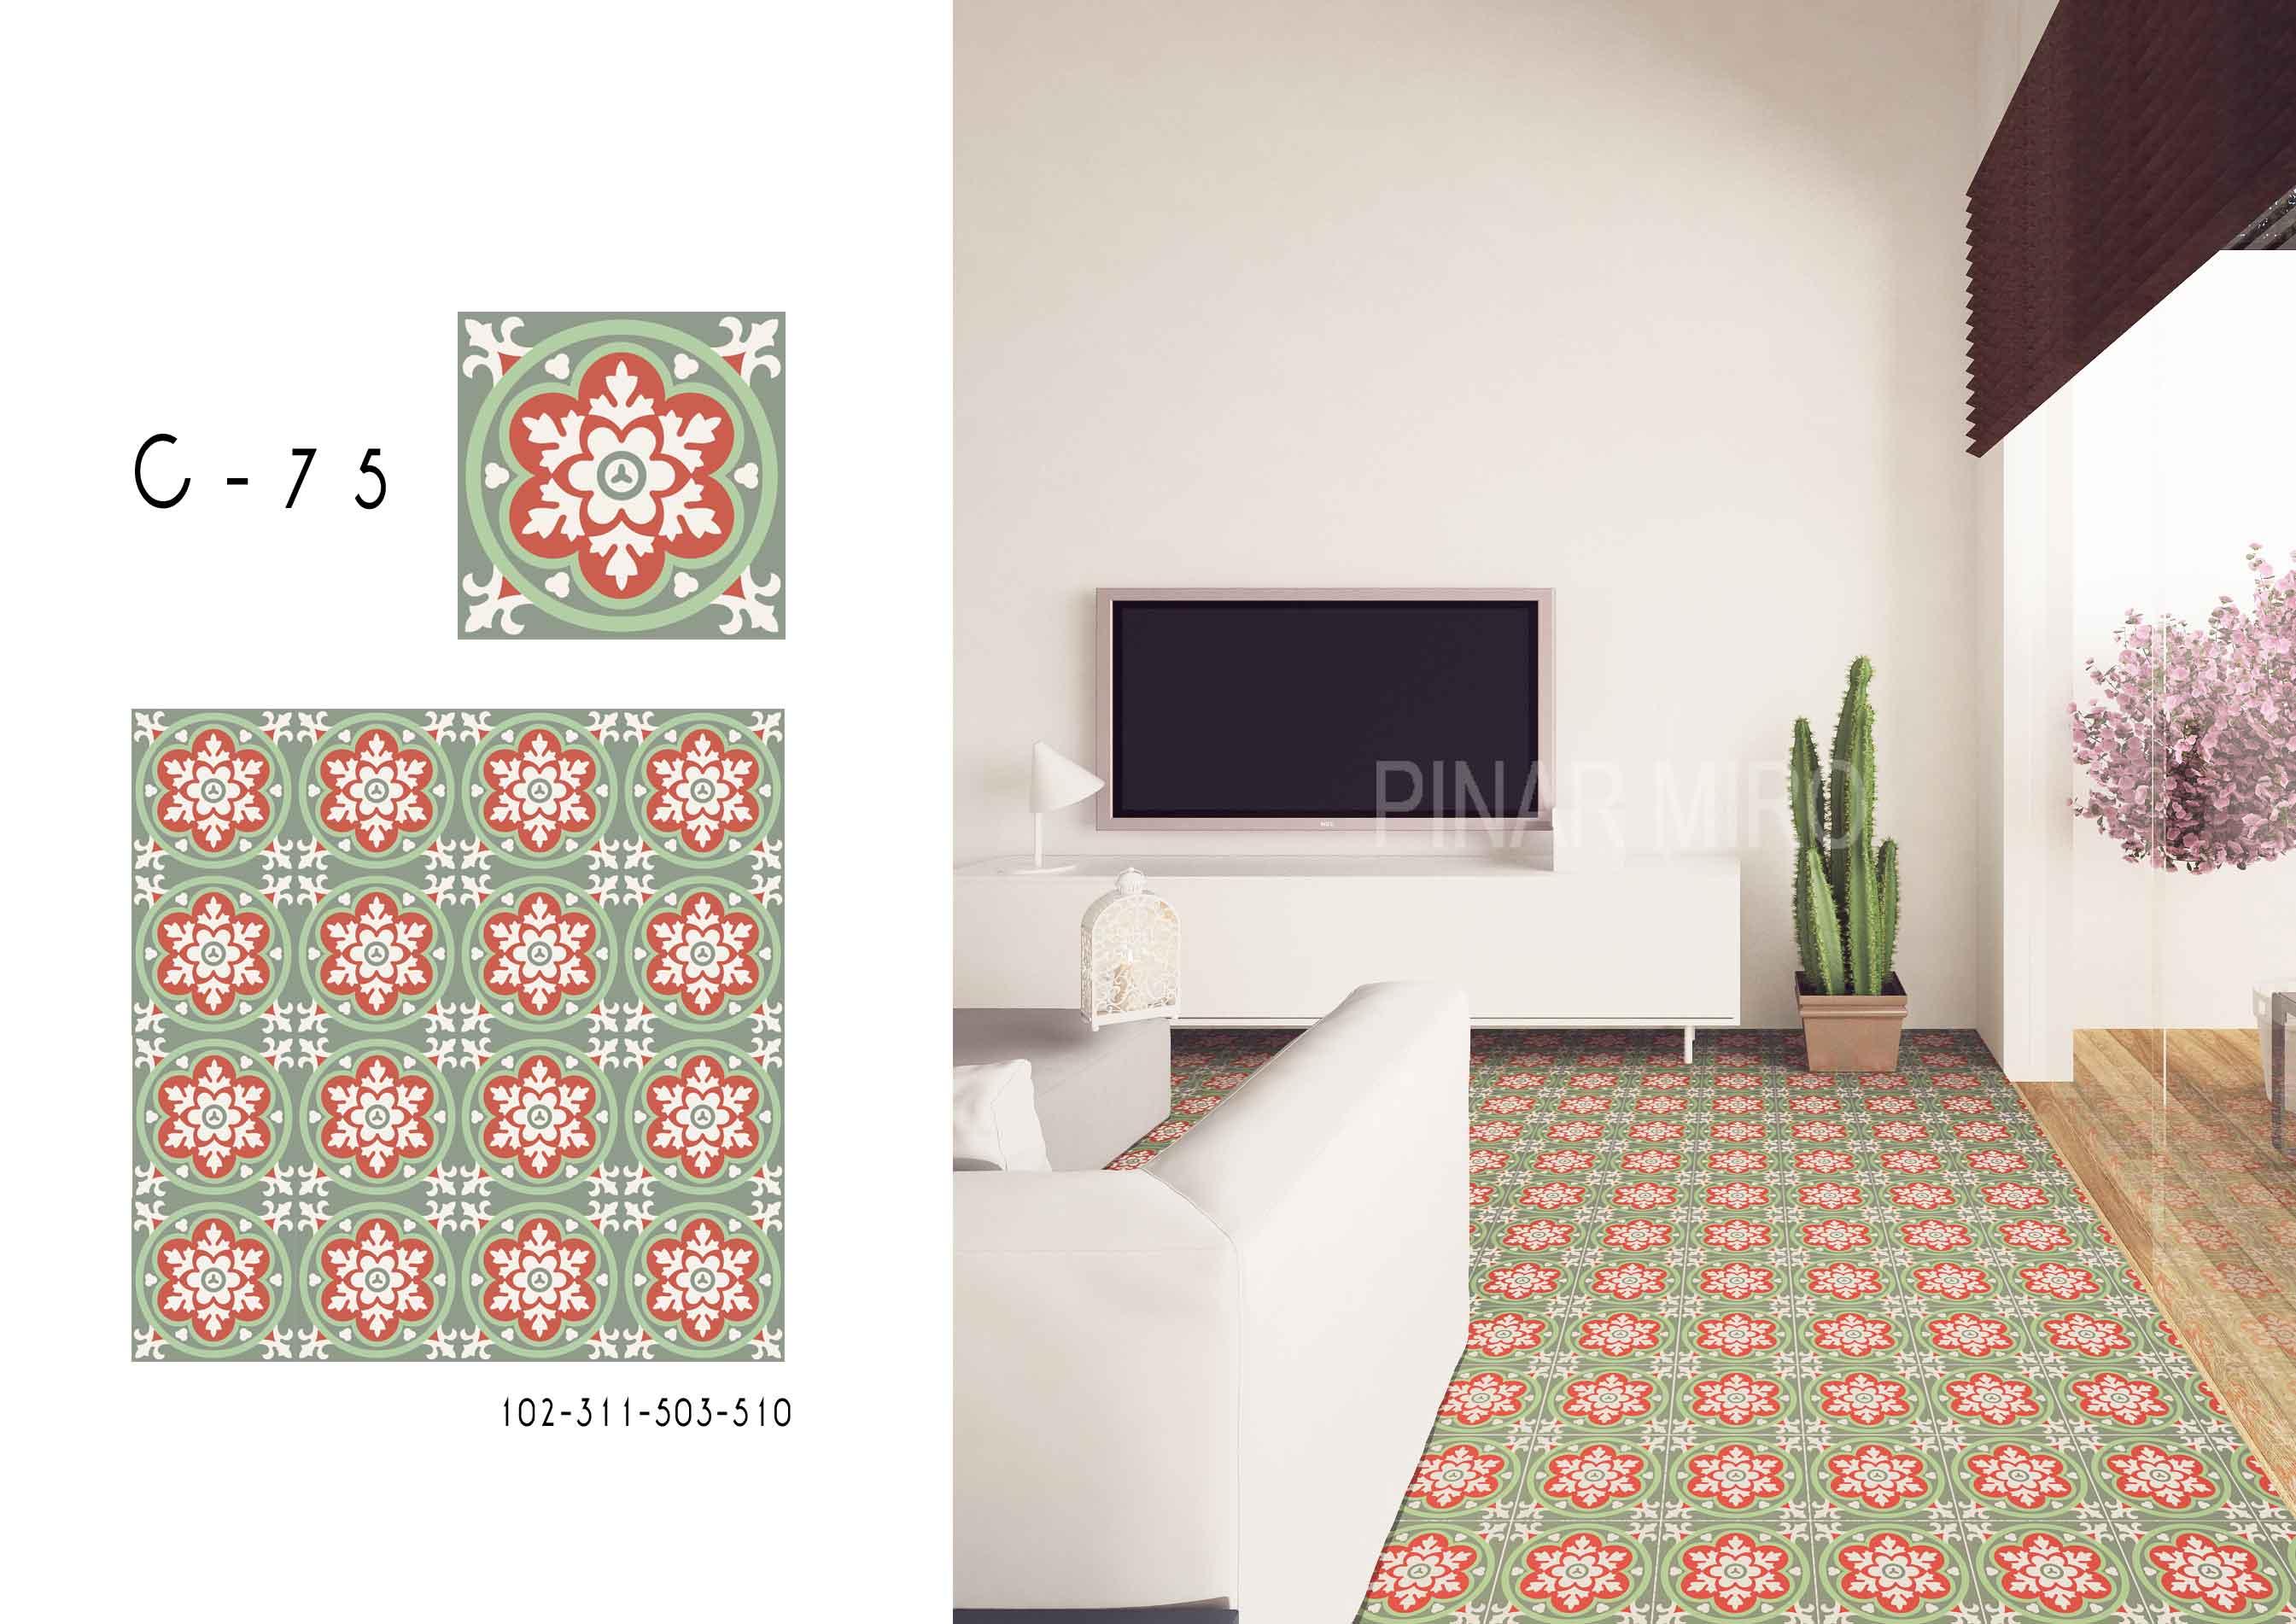 2-c75-pinar-miro-cement-tiles